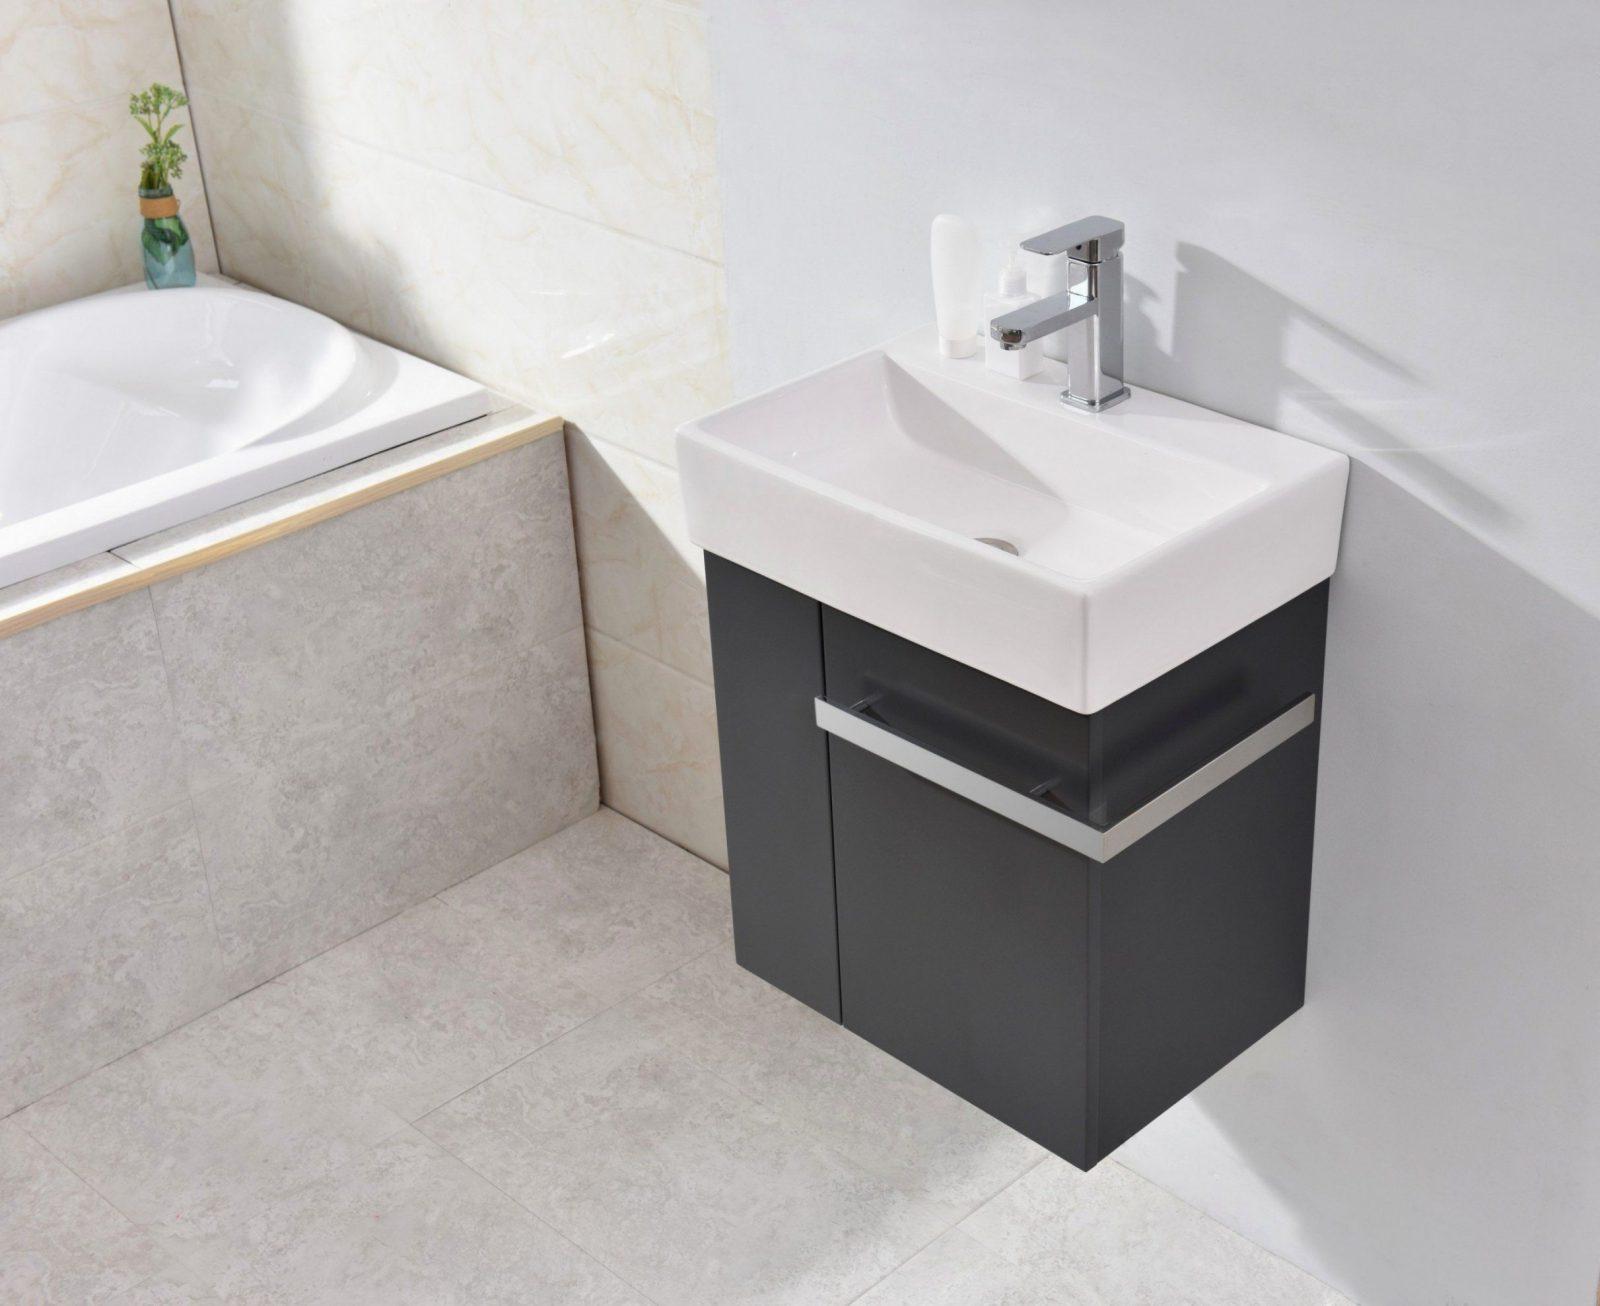 G stewc badm bel waschbecken mit unterschrank und for Waschtisch fur gaste wc